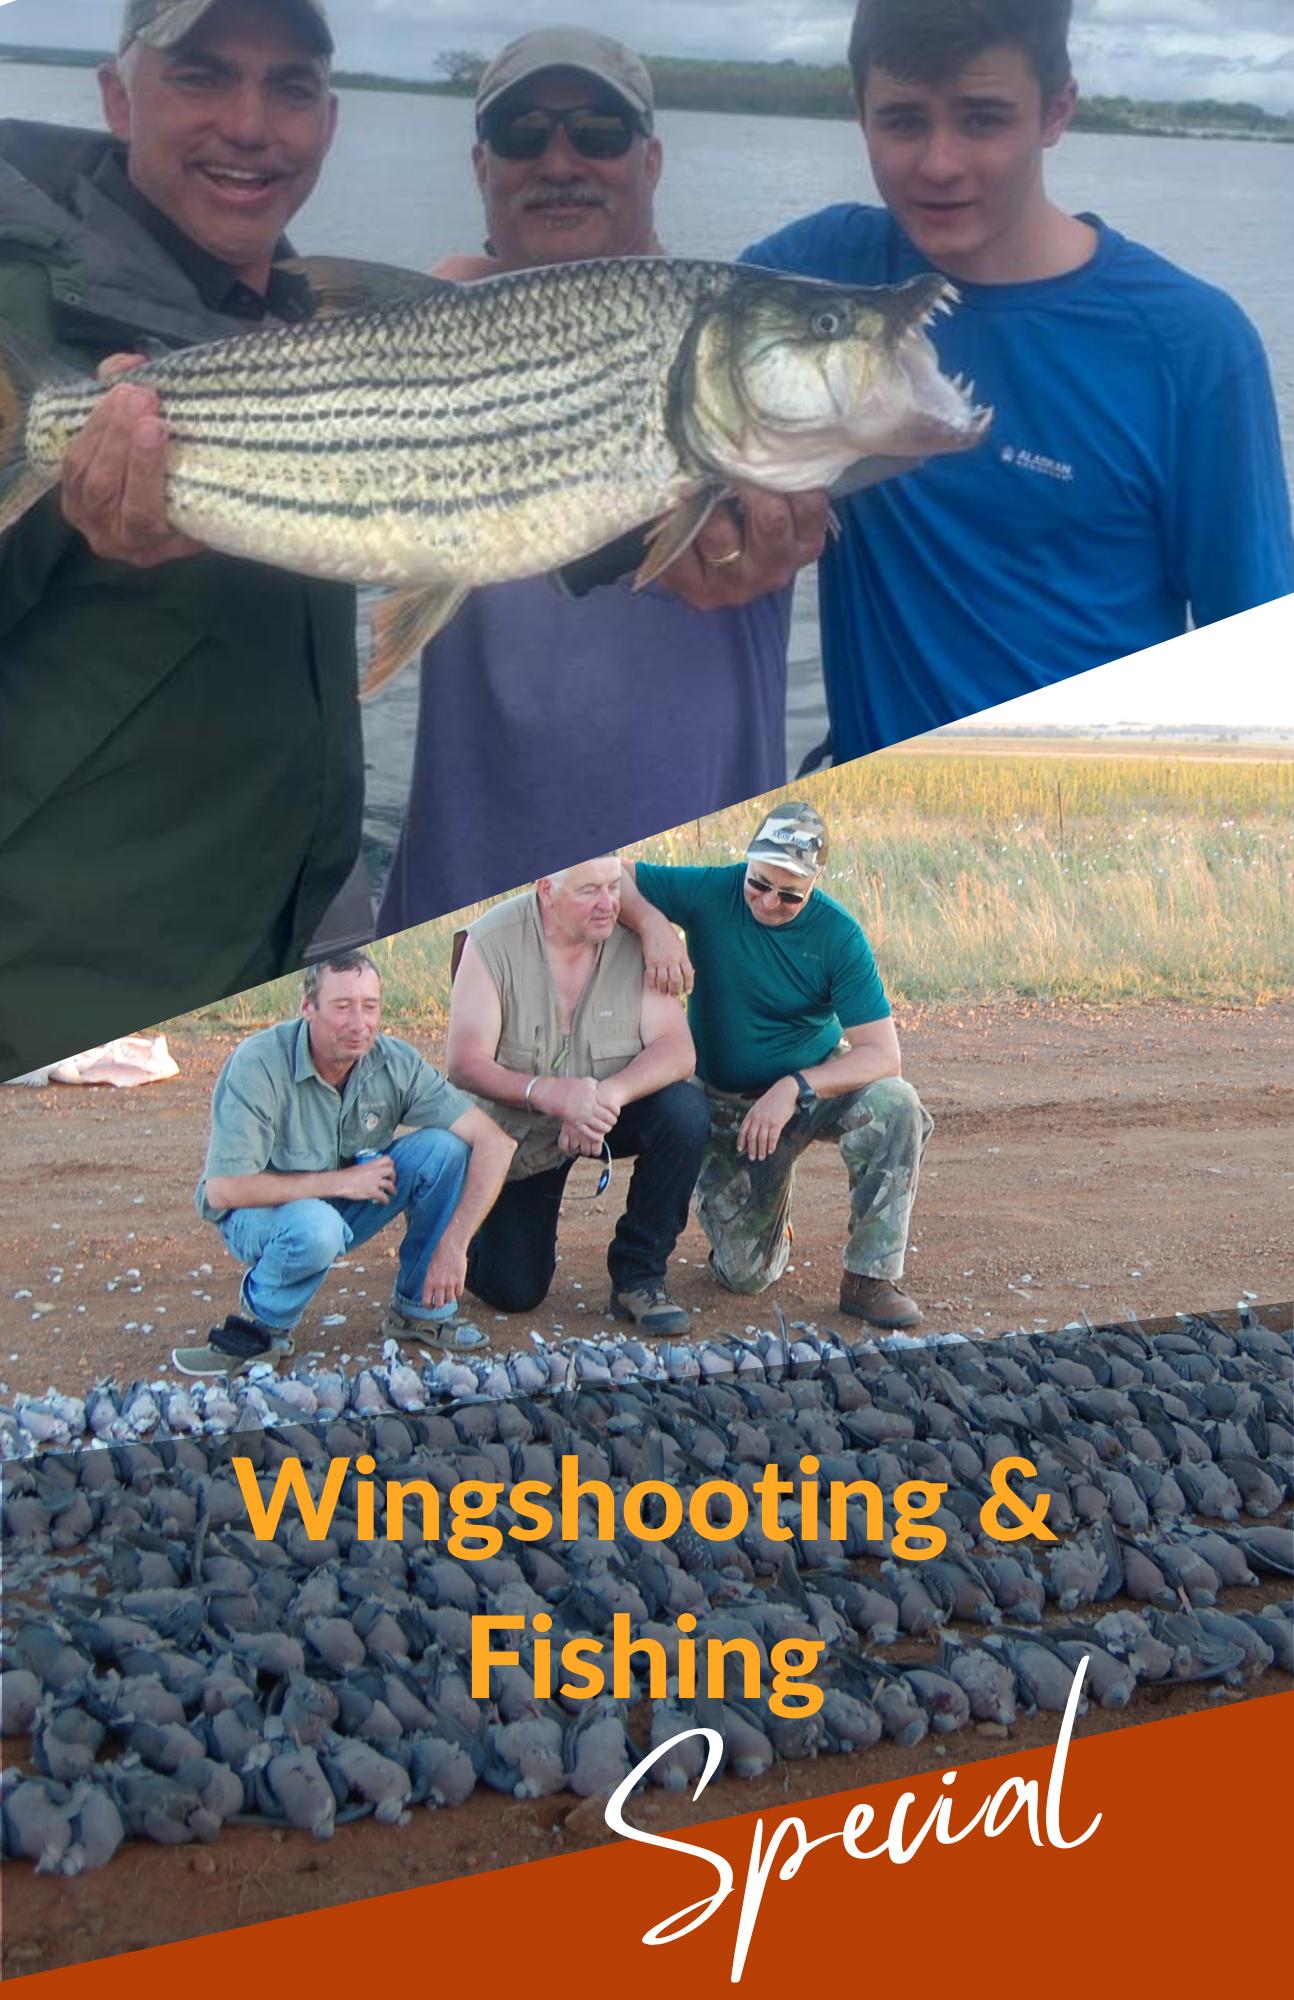 Start WIng-Shooting & Fishing